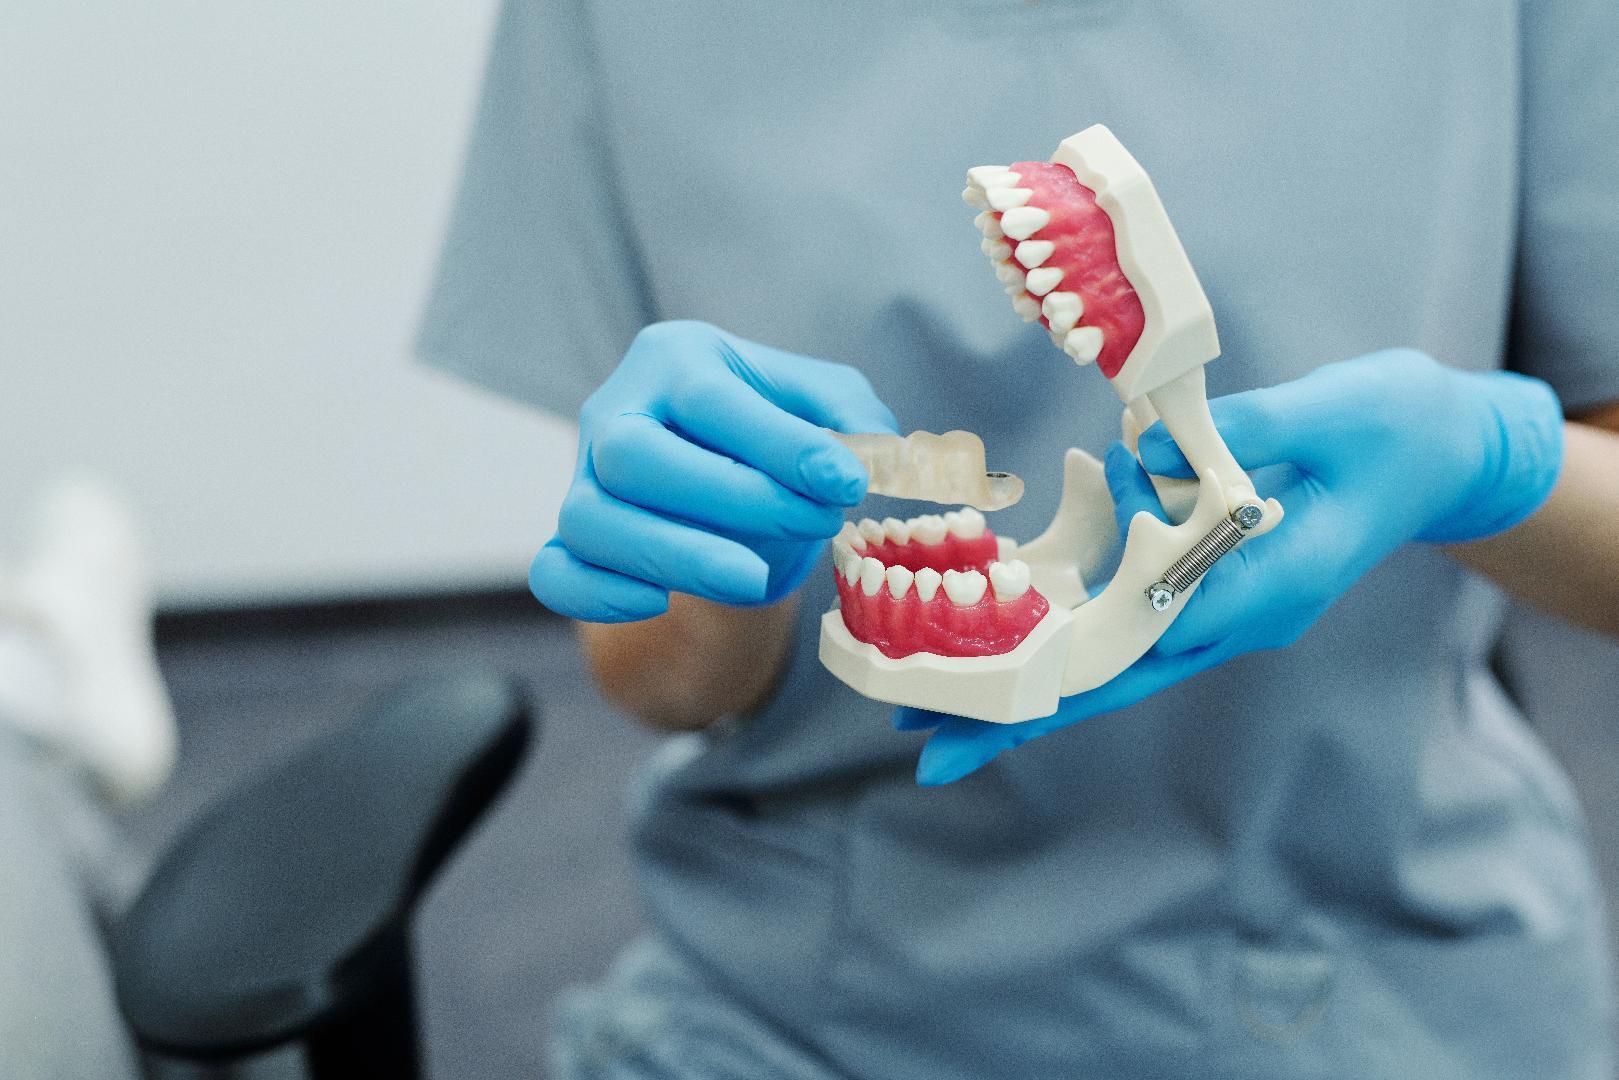 Intrusismo y prótesis dentales: impacto en la salud bucal